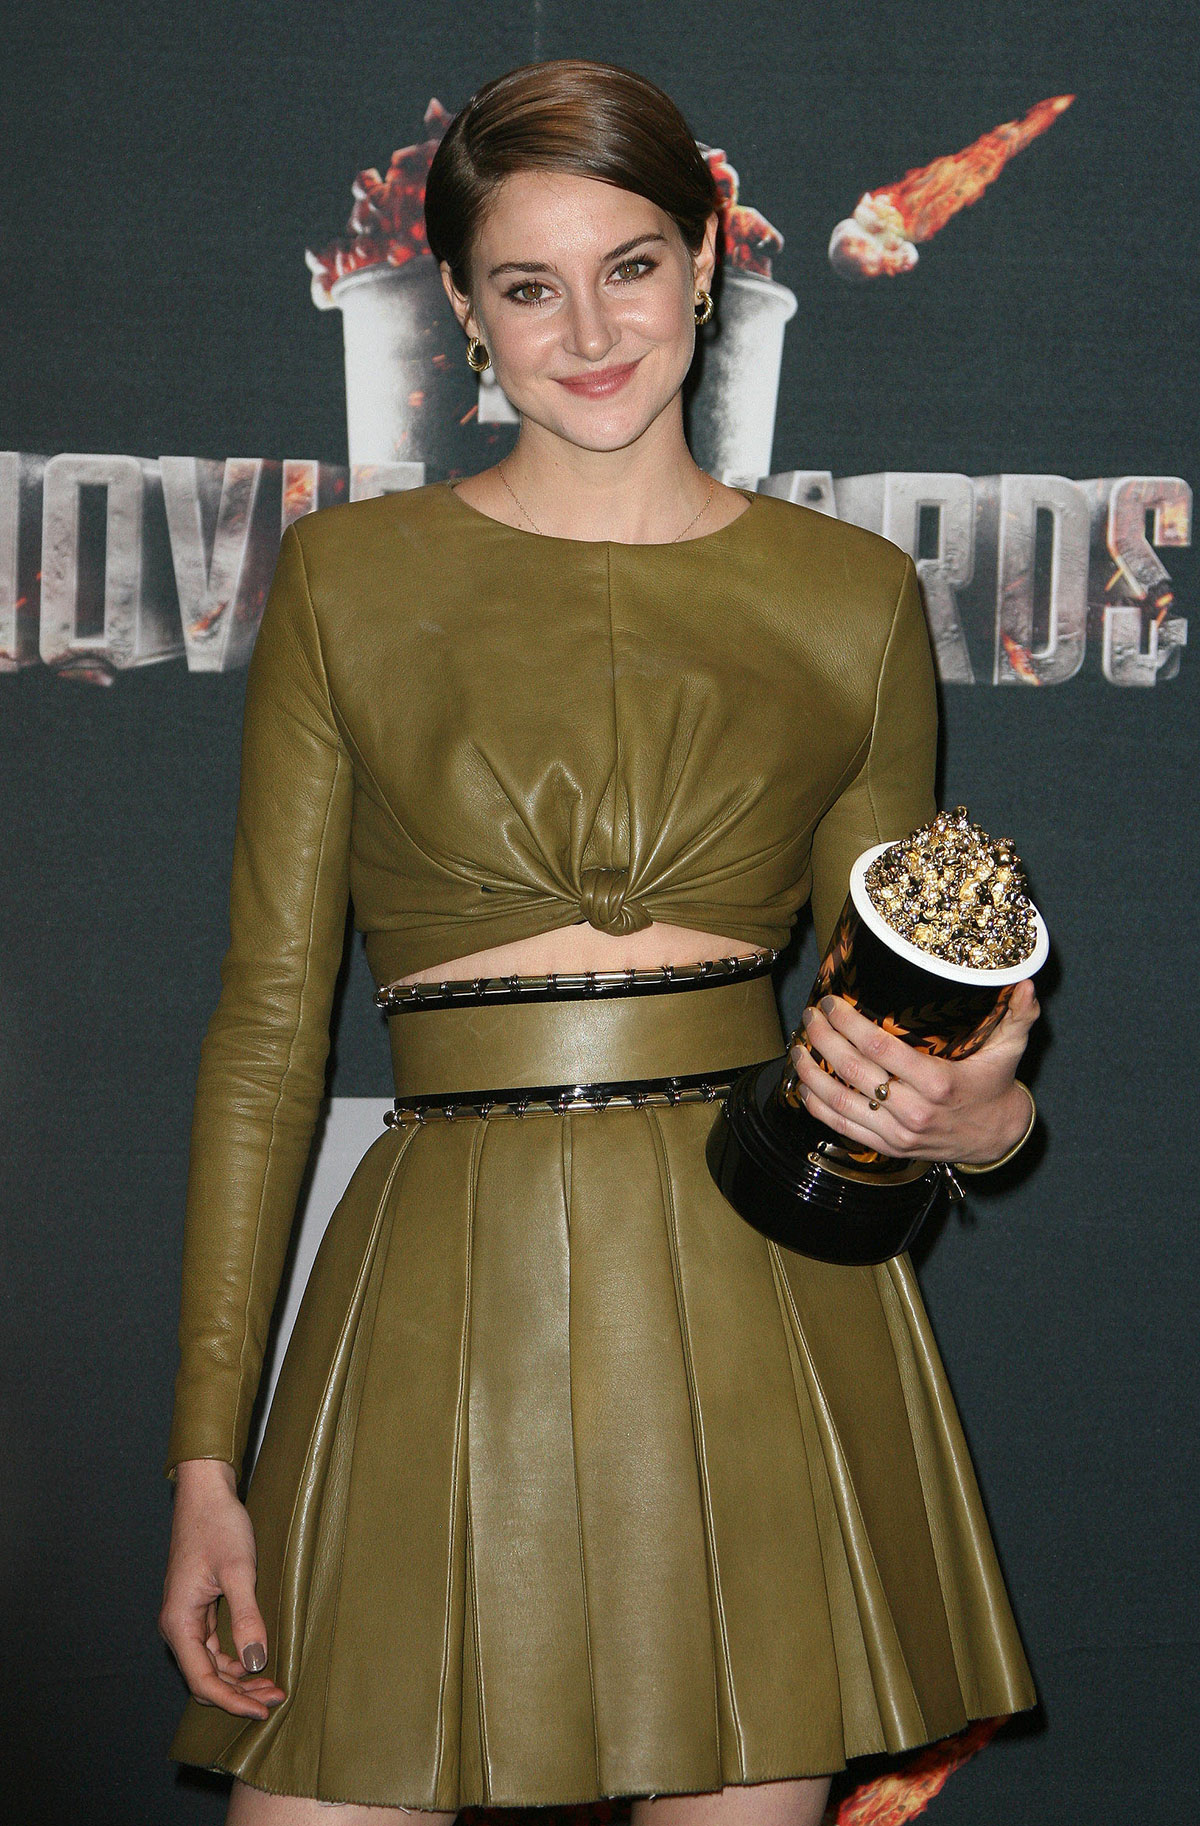 Shailene Woodley attends MTV Movie Awards